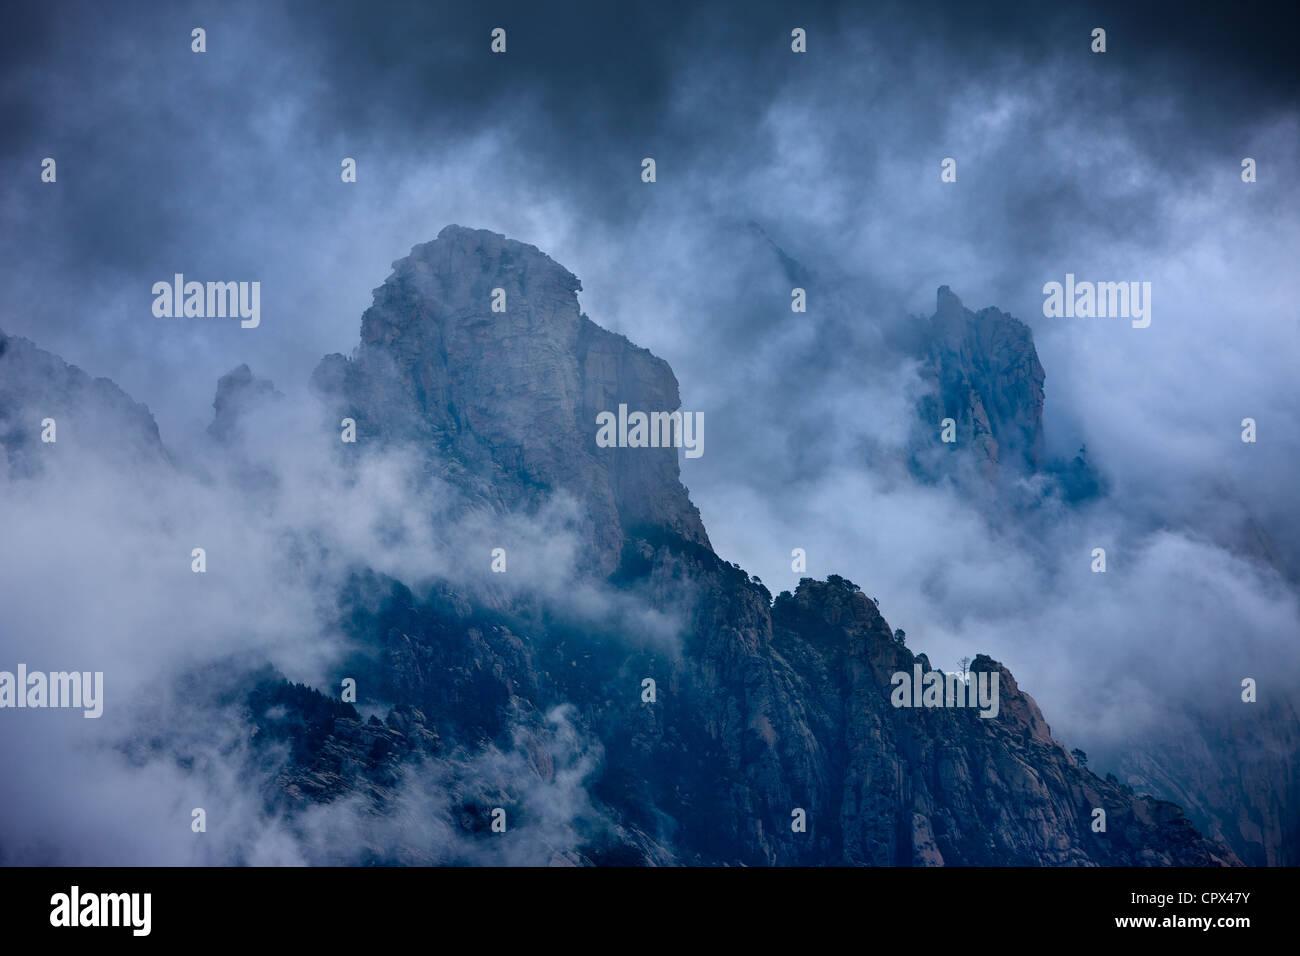 Regenwolken hängen über den Col de Bavella, Berge Bavella, Korsika, Frankreich Stockbild